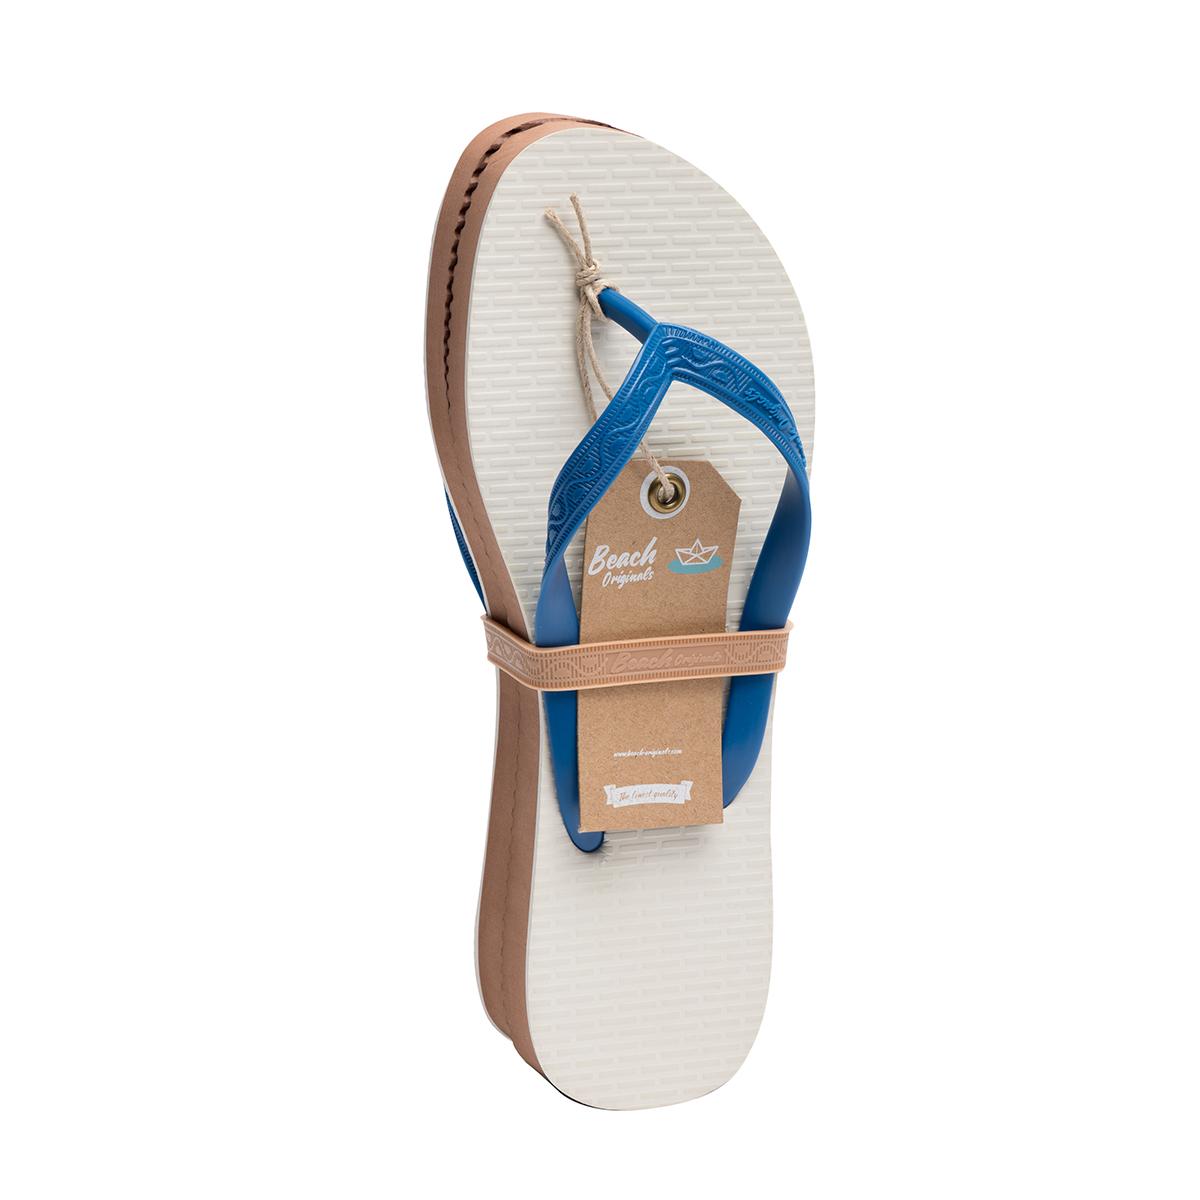 Paire de tongs modèle Bornéo bleu sea avec étiquette